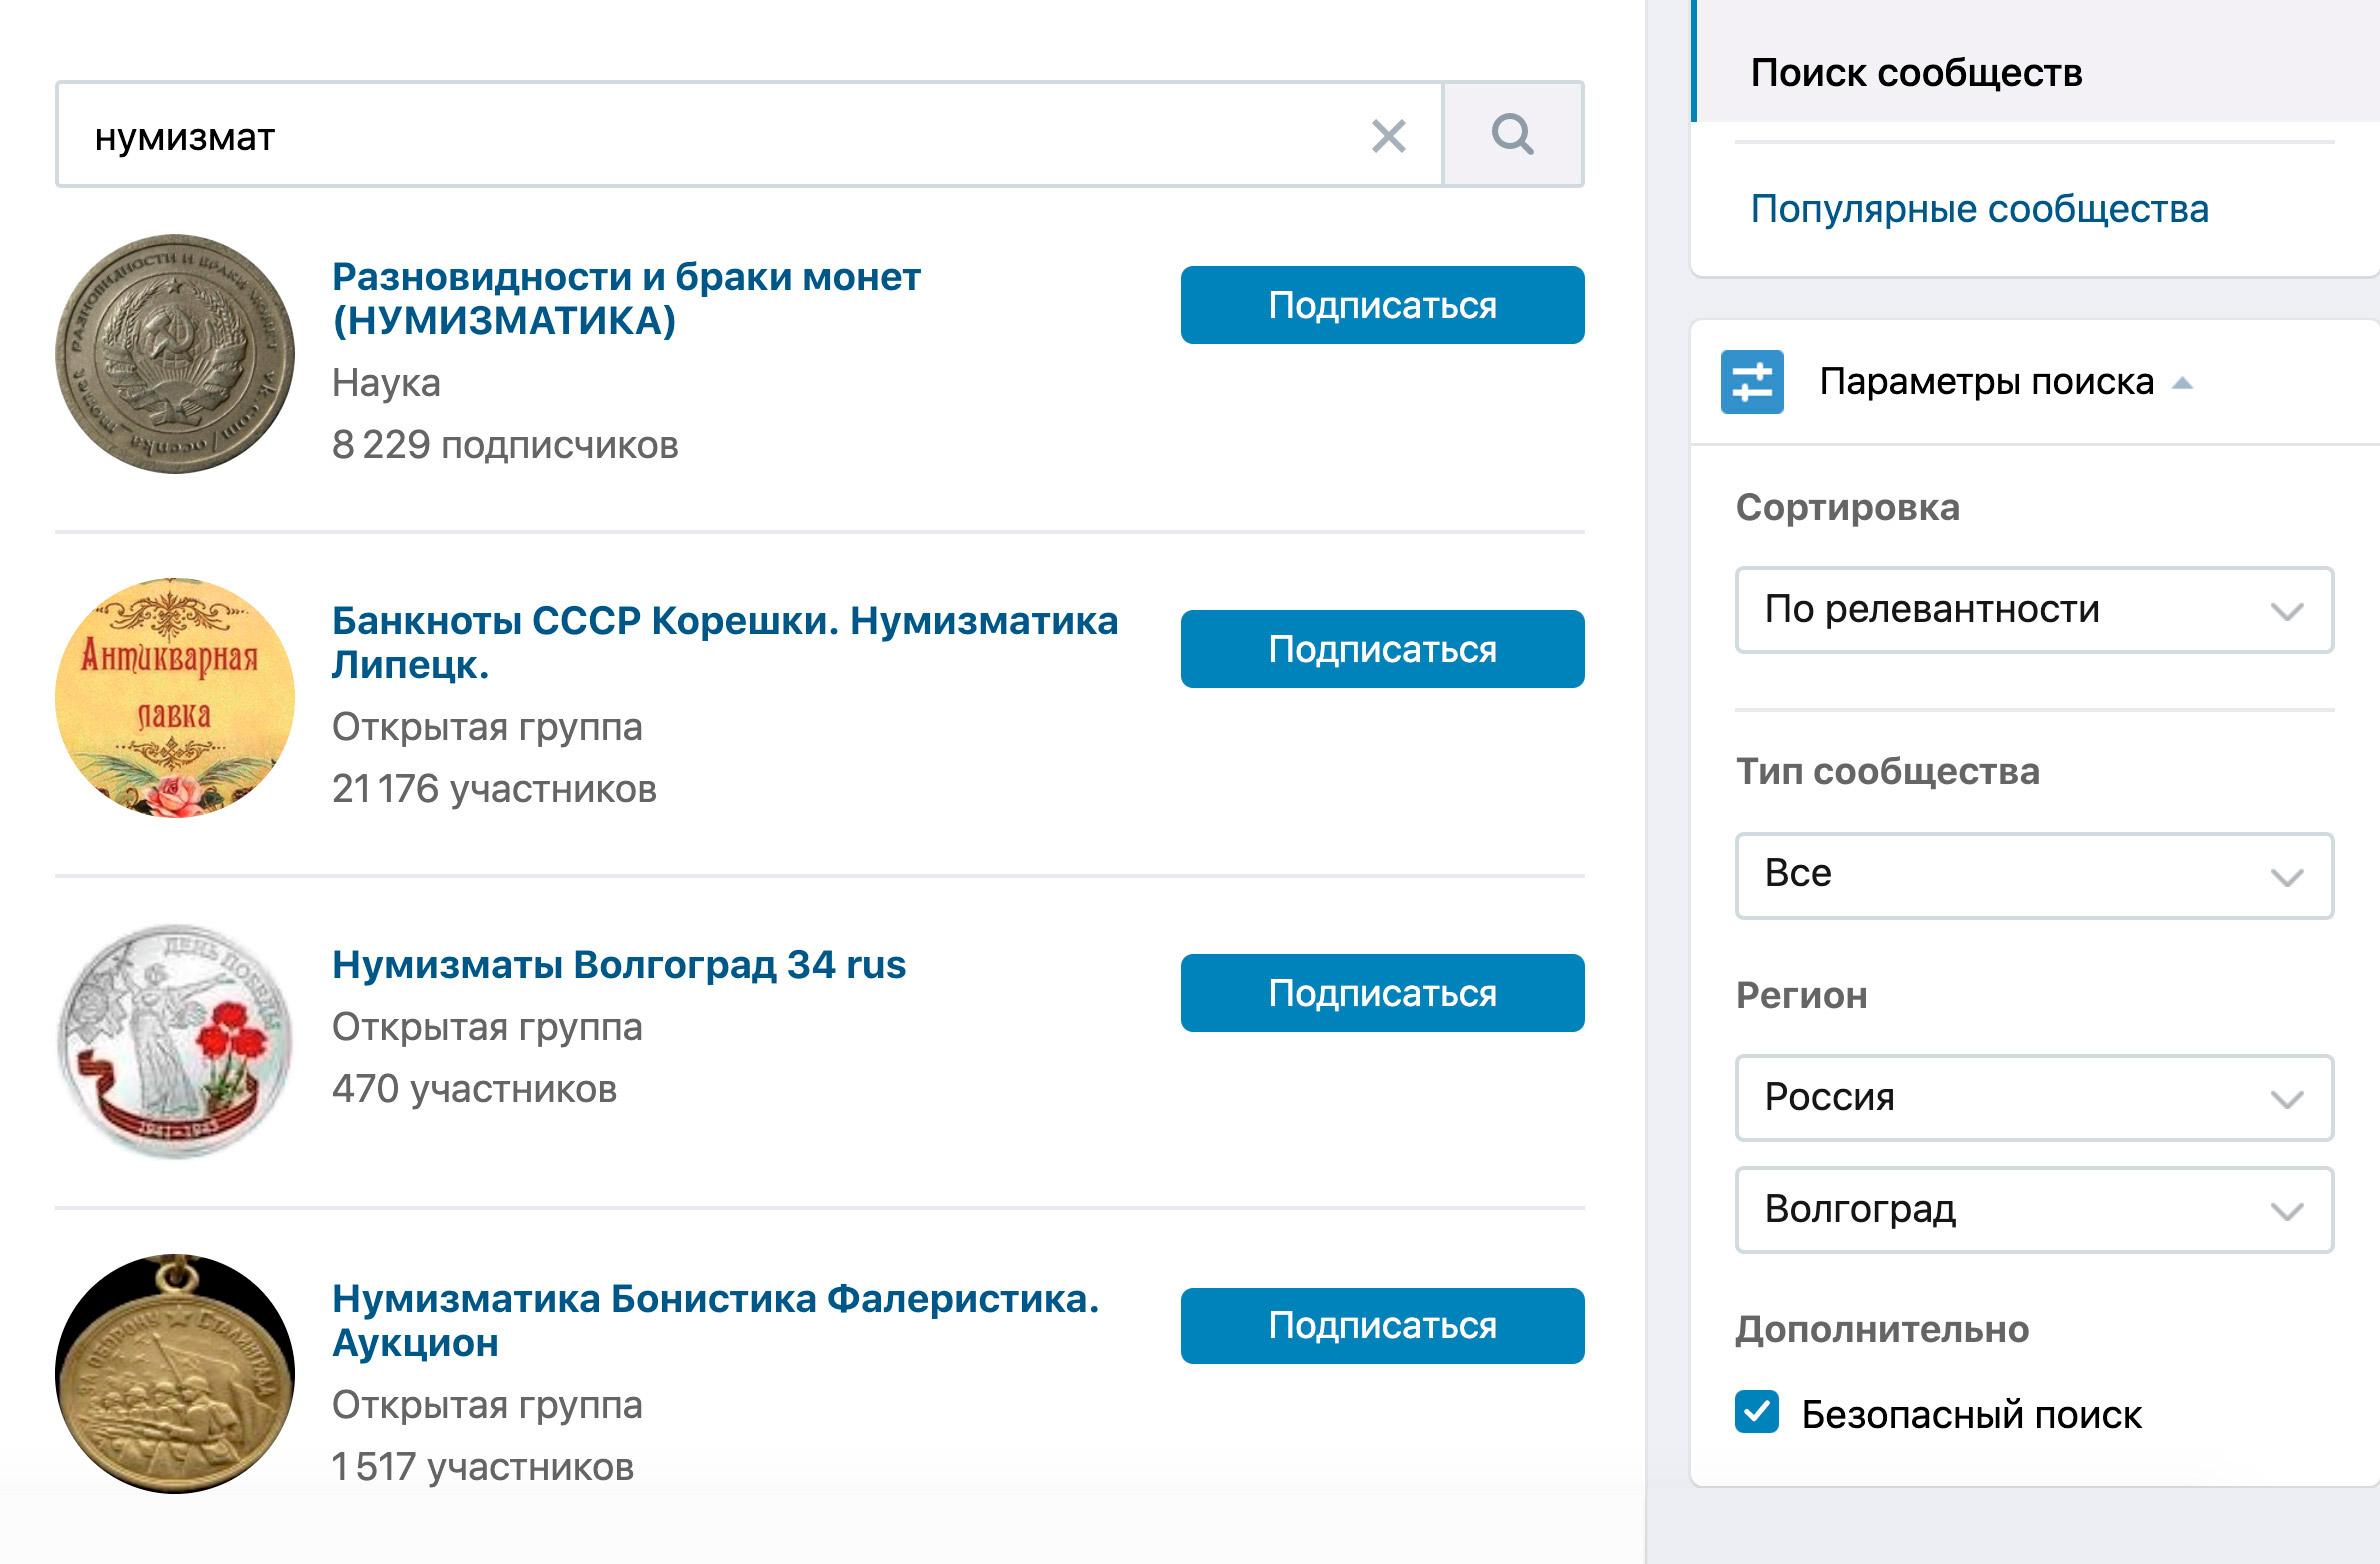 Можно поискать сообщества нумизматов в своем городе во «Вконтакте» и расспросить их о подобных клубах